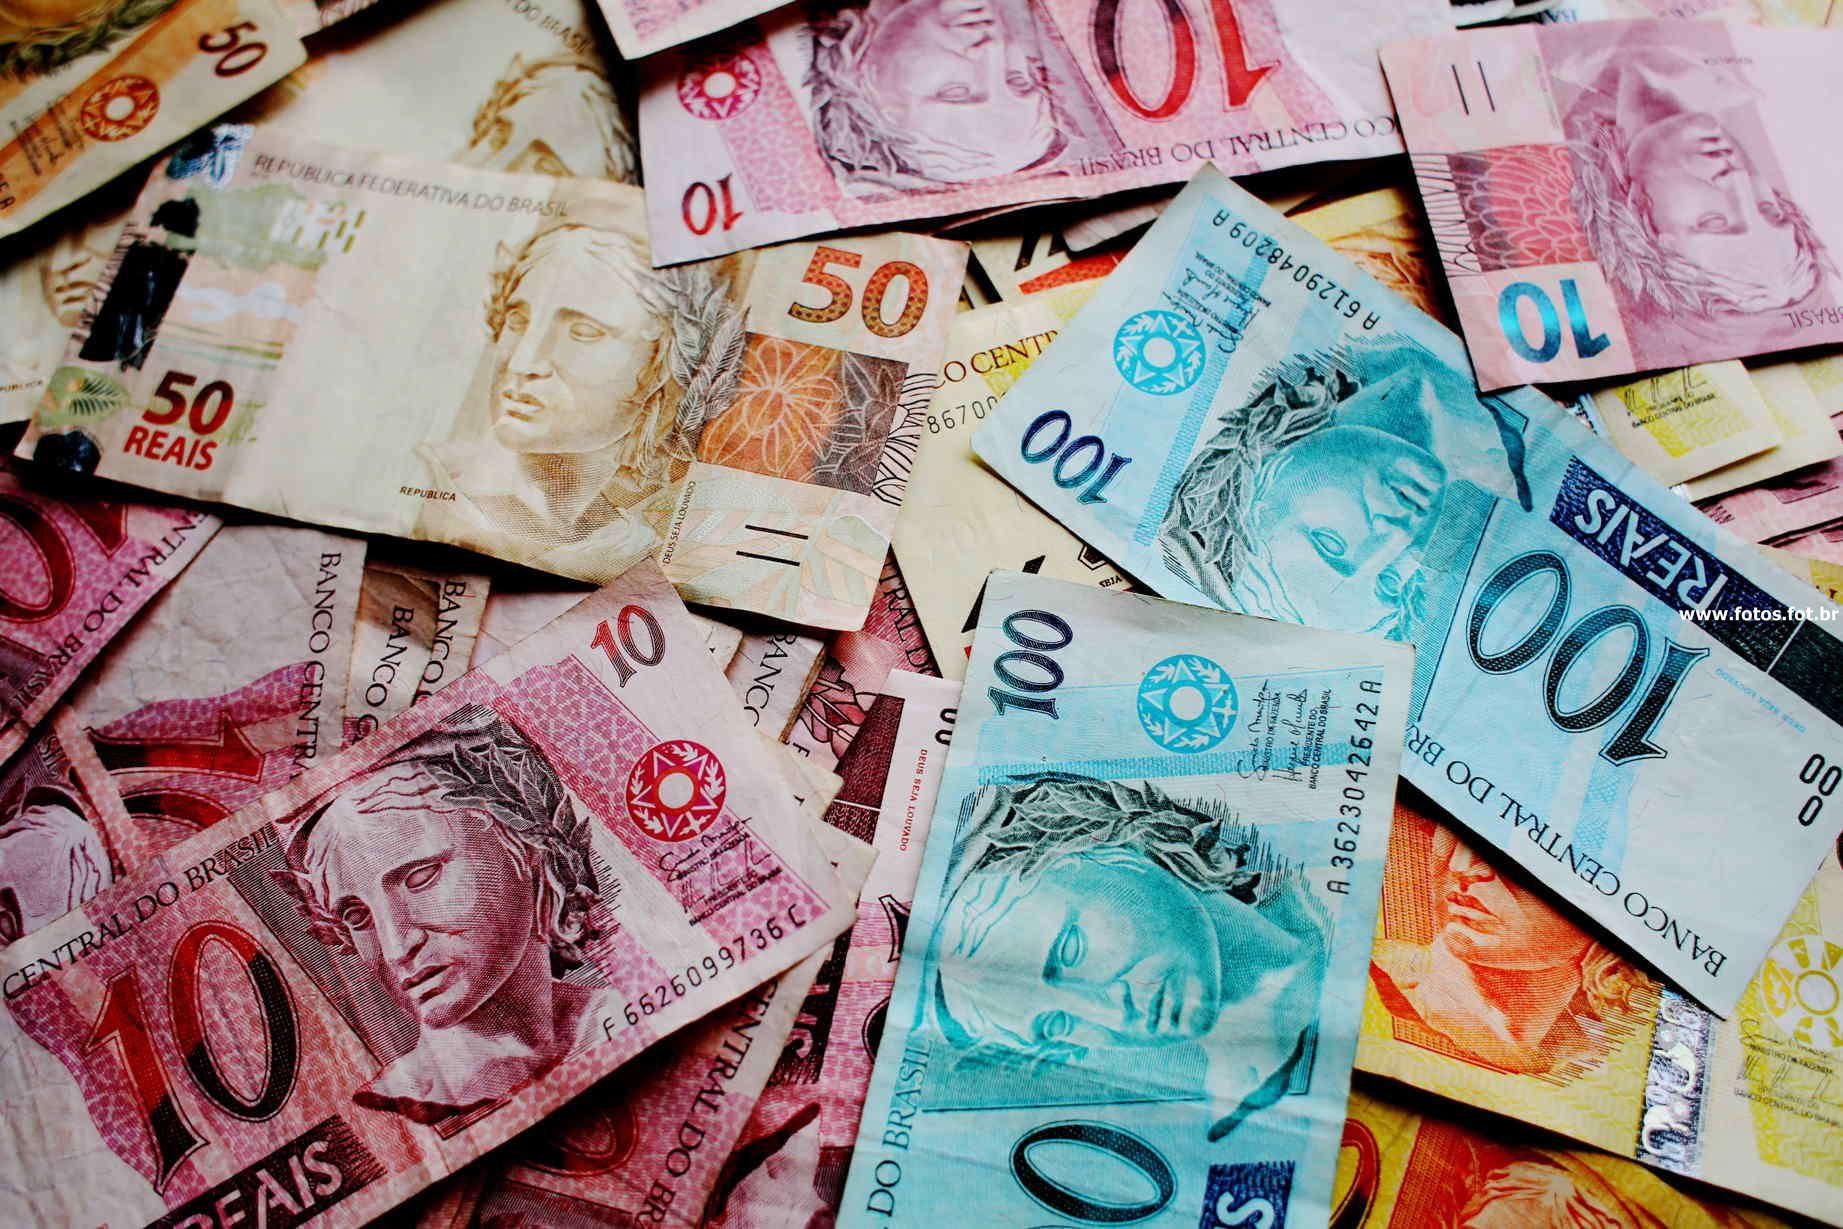 Veja a tabela de preços de notas falsas vendidas pelo WhatsApp no Brasil - TecMundo